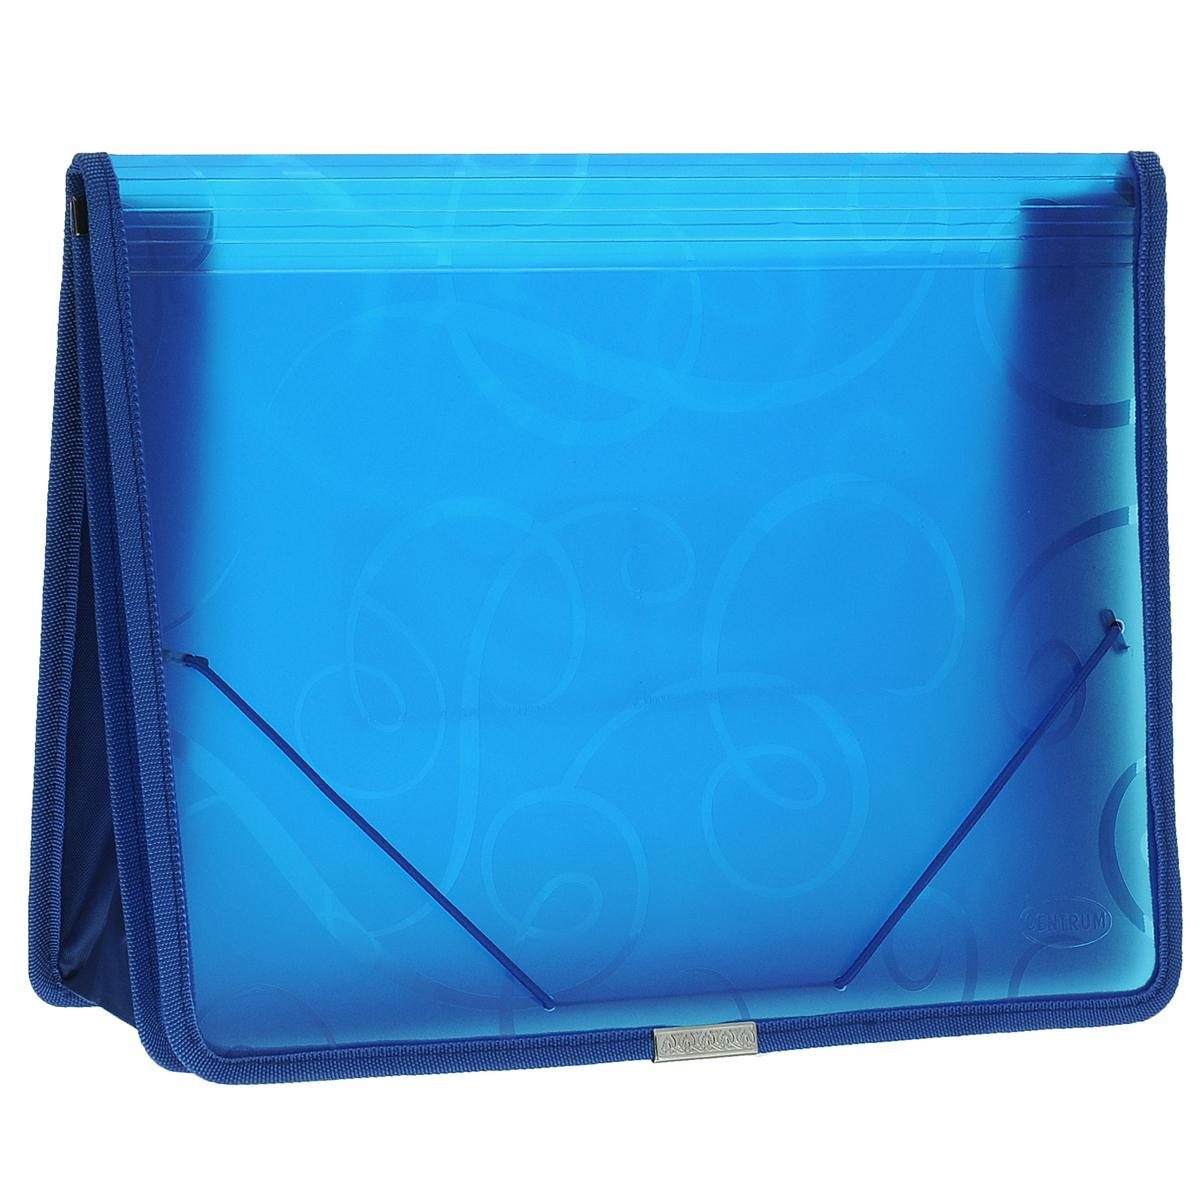 Папка-конверт на резинке Centrum, цвет: синий. Формат А4. 80802AG4_12315Папка-конверт на резинке Centrum - это удобный и функциональный офисный инструмент, предназначенный для хранения итранспортировки рабочих бумаг и документов формата А4.Папка с двойной угловой фиксацией резиновой лентой изготовлена из износостойкого полупрозрачного полипропилена. Внутри папка имеет одно объемное отделение повышенной вместимости и 2 прозрачных открытых кармашка. Грани папки отделаны полиэстером, что обеспечивает дополнительную прочность и опрятный вид папки. Клапан украшен декоративным металлическим элементом. Папка оформлена тиснением в виде абстрактного орнамента.Папка - это незаменимый атрибут для студента, школьника, офисного работника. Такая папка надежно сохранит ваши документы исбережет их от повреждений, пыли и влаги.